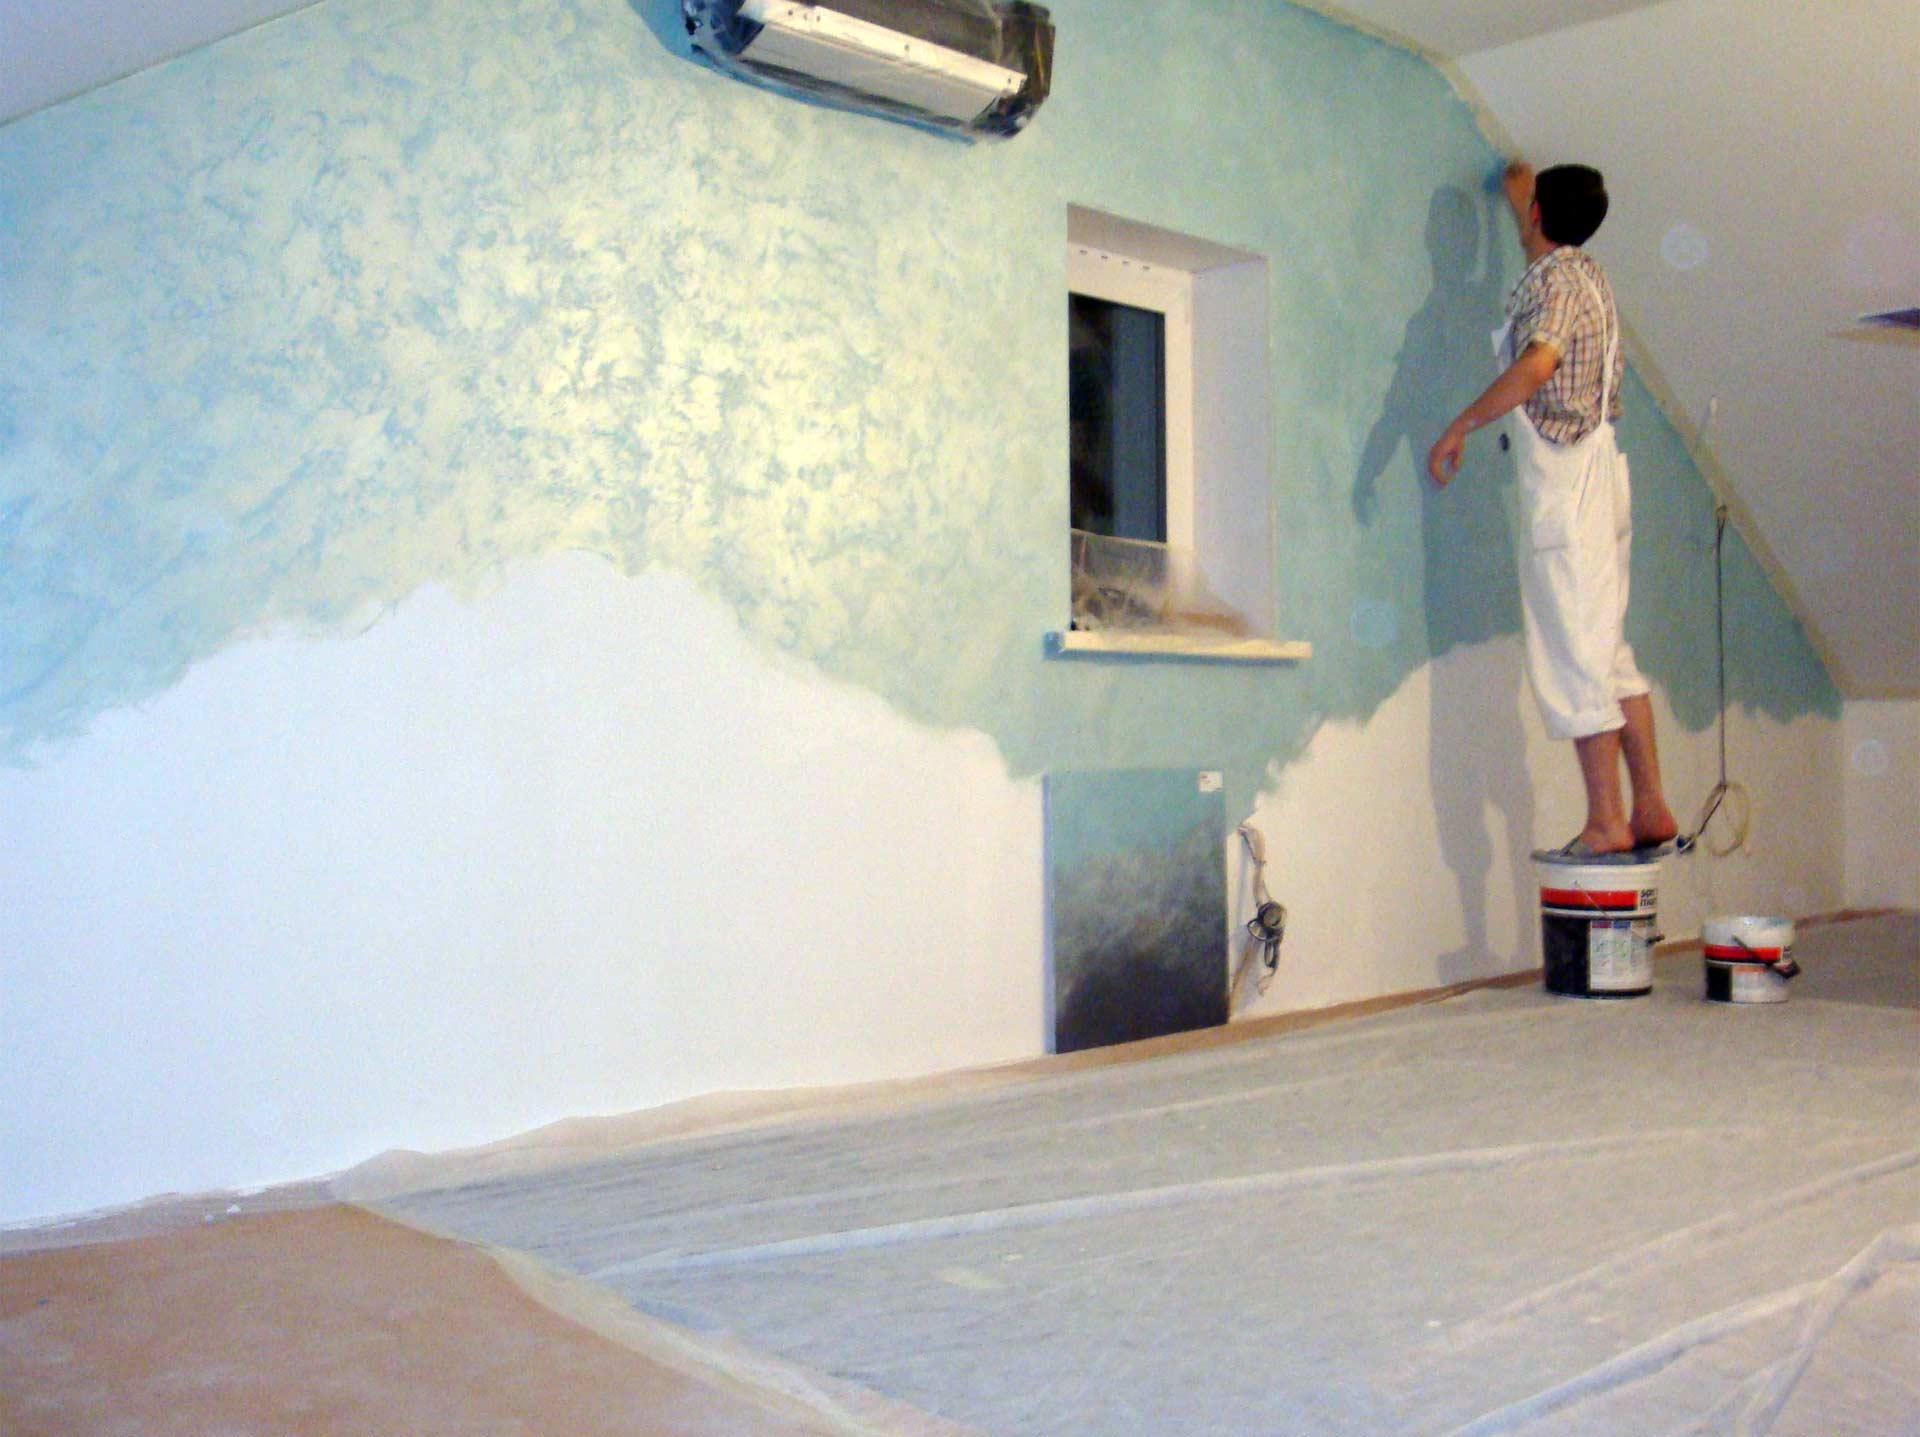 Декоративная краска для стен: как выбрать лучшую?